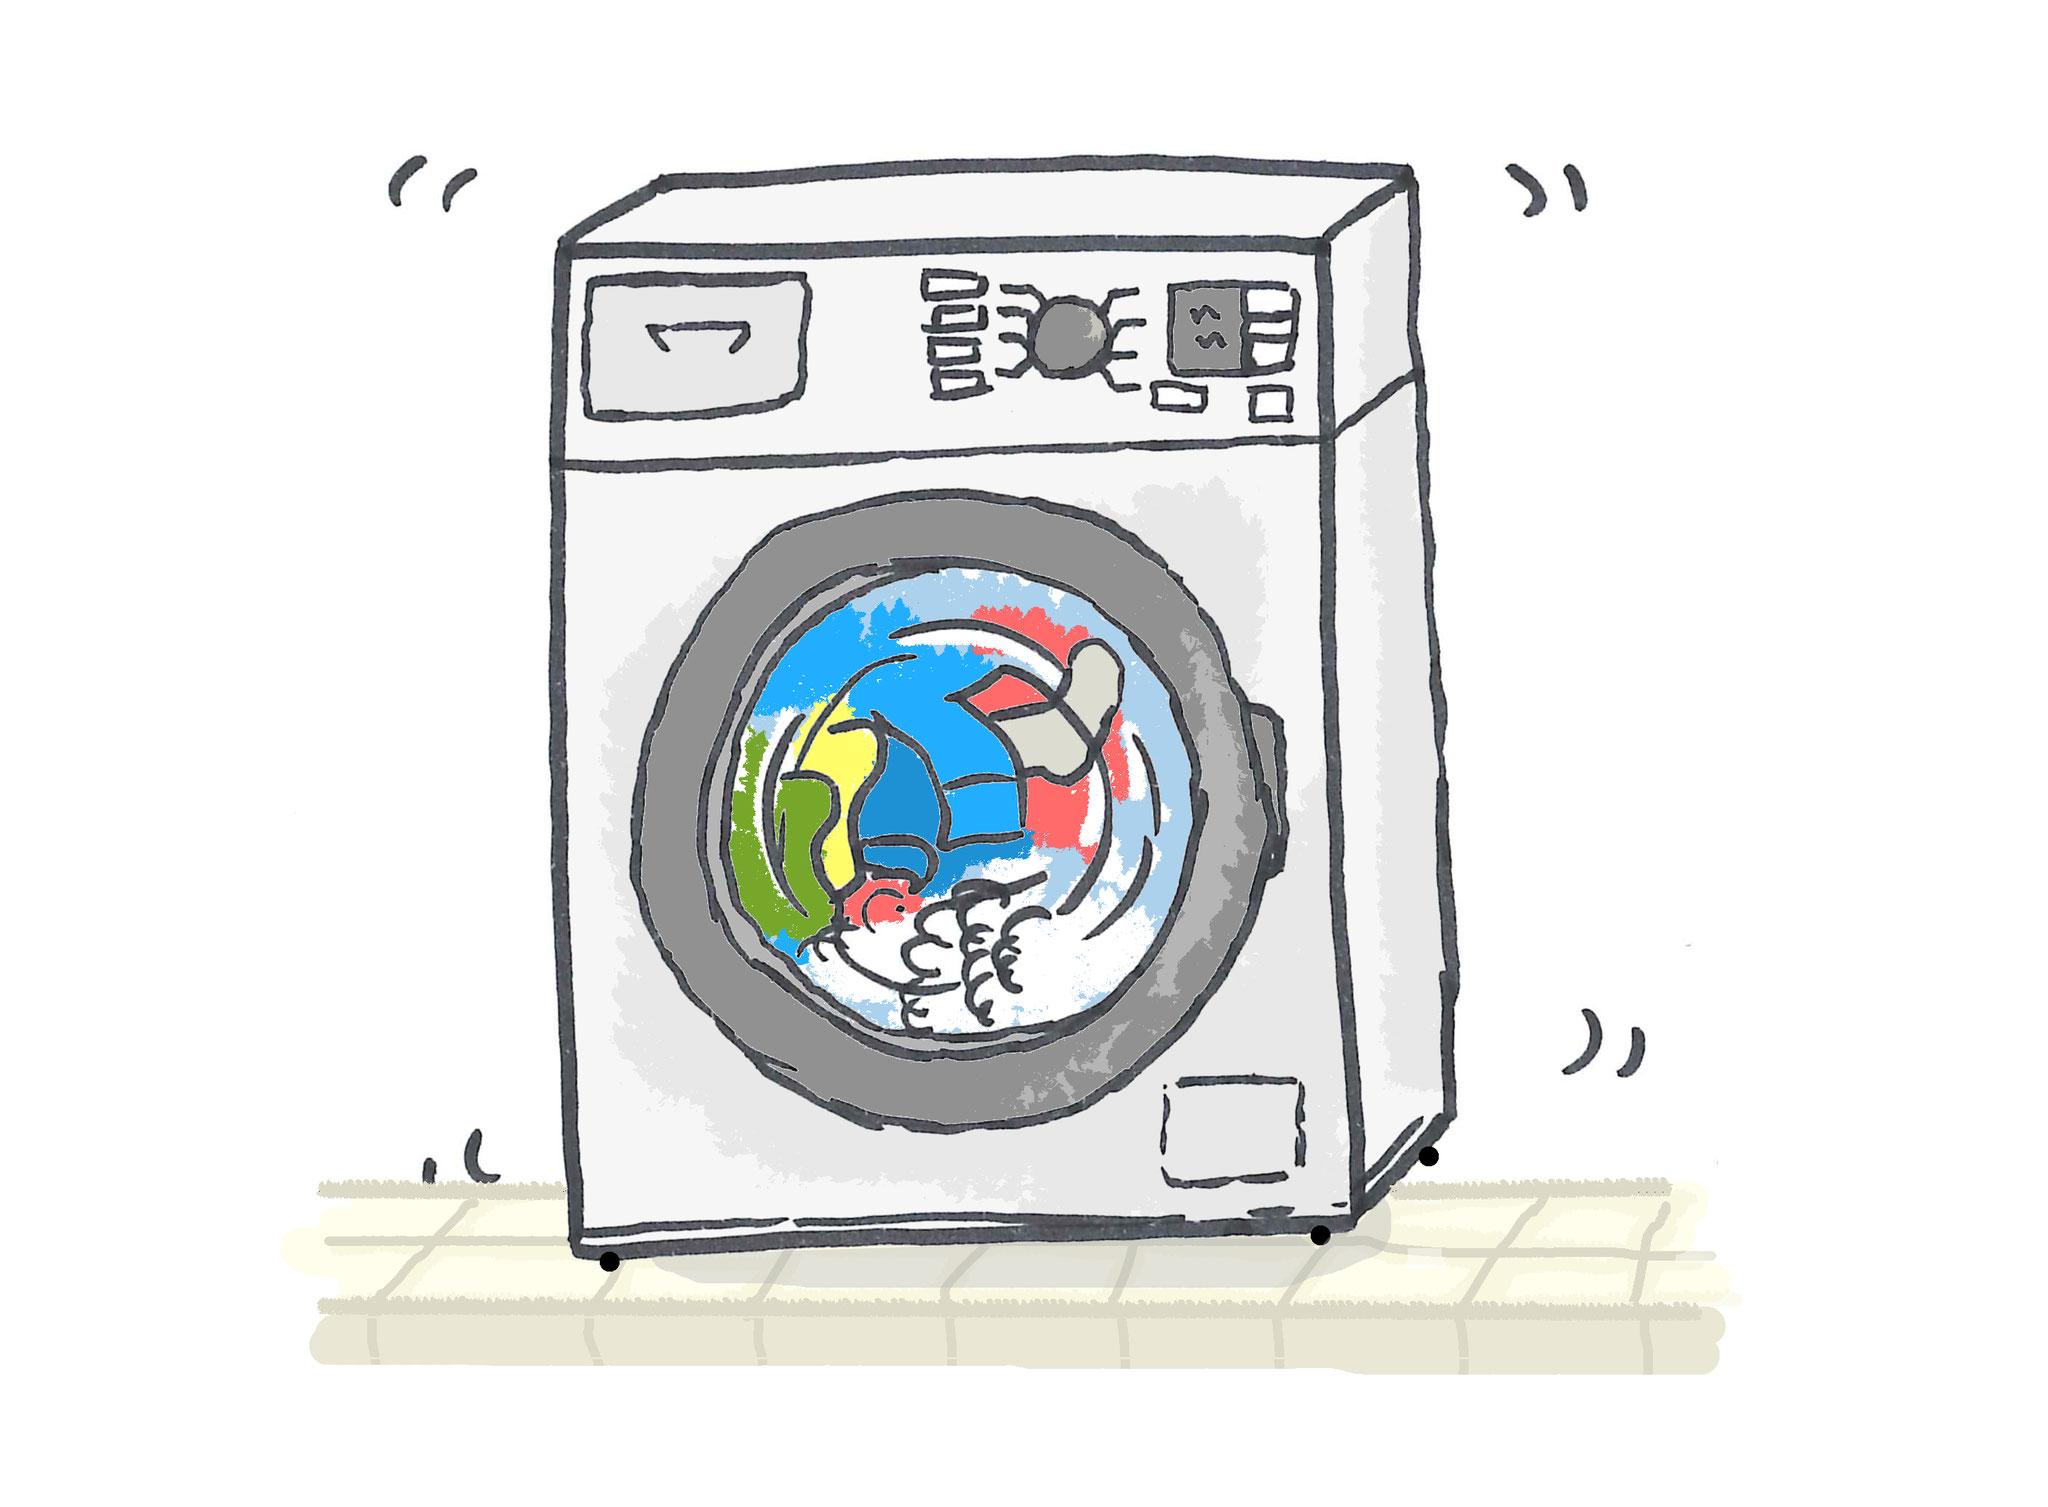 5. Ausgedient: Elektrische Geräte, die älter als 15 Jahre sind, entsprechen in der Regel nicht mehr aktuellen Energiestandards und treiben die Kosten in die Höhe. Insbesondere Kühl- und Gefriergeräte sollten durch effizientere ausgetauscht werden.